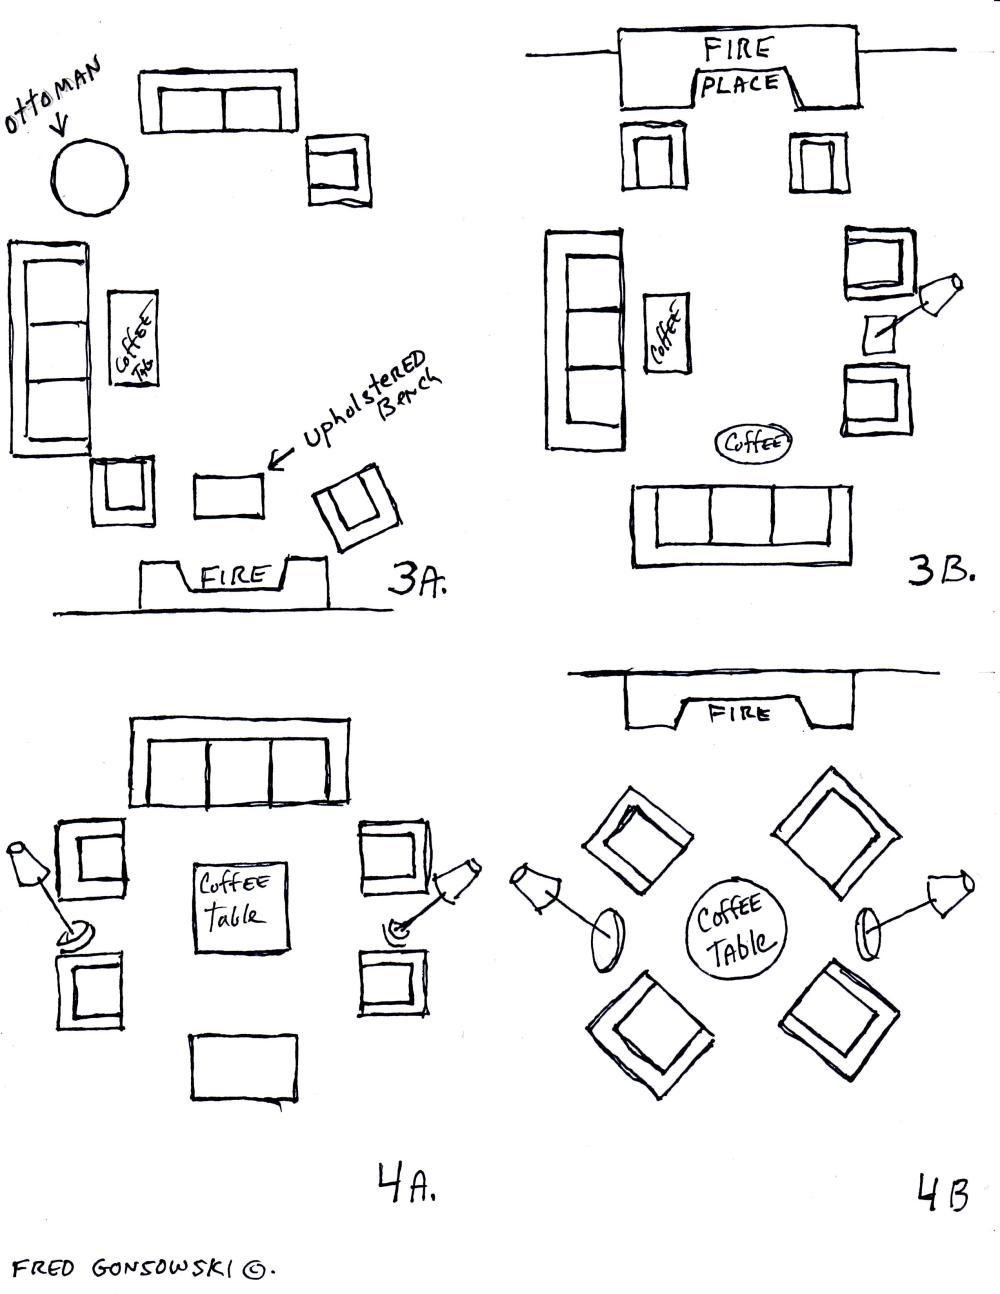 medium resolution of in illustration